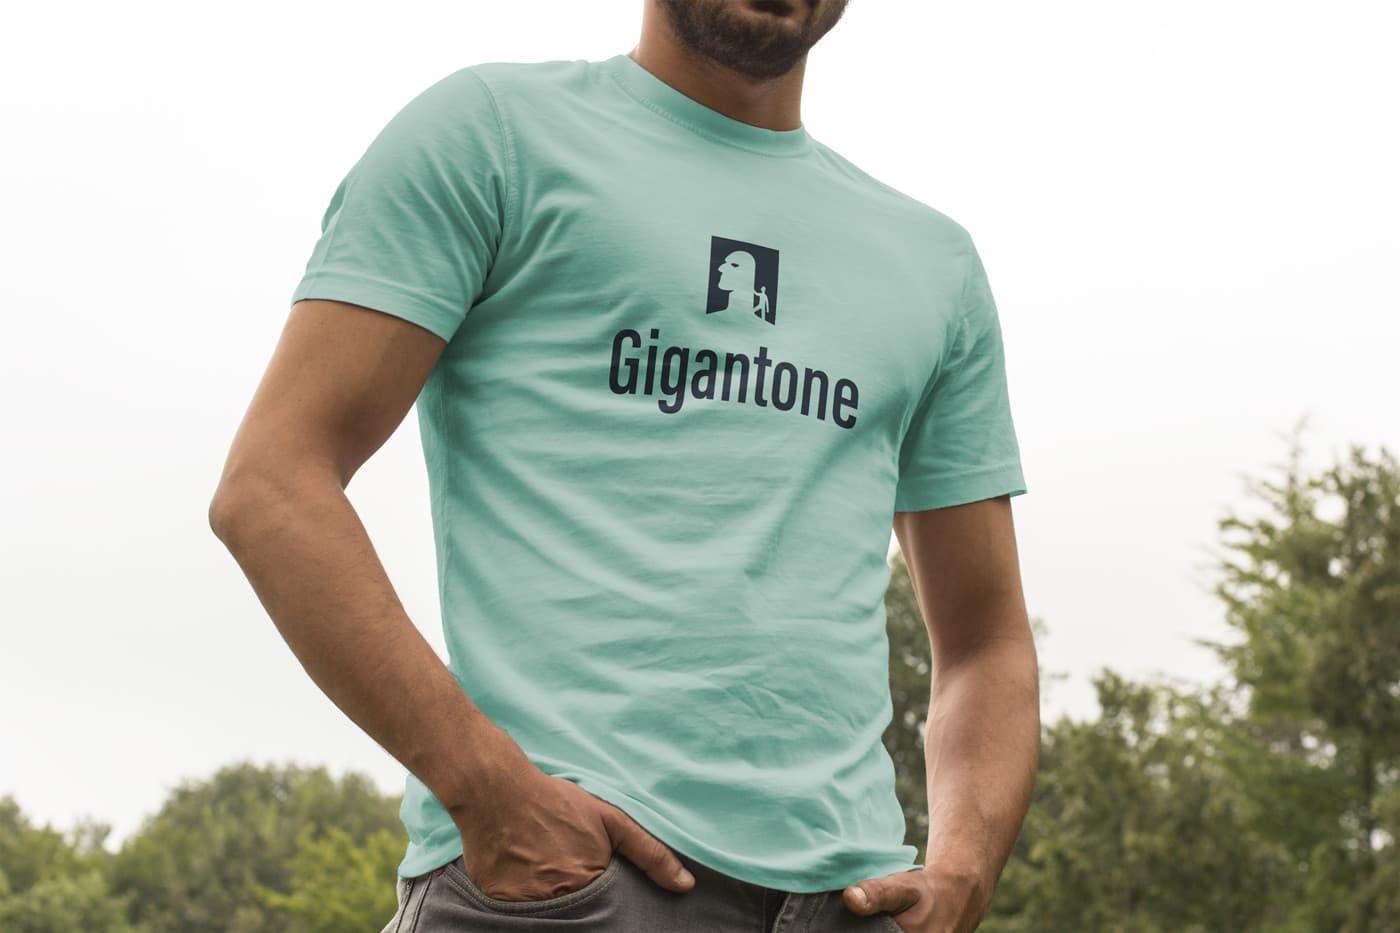 Gigantone